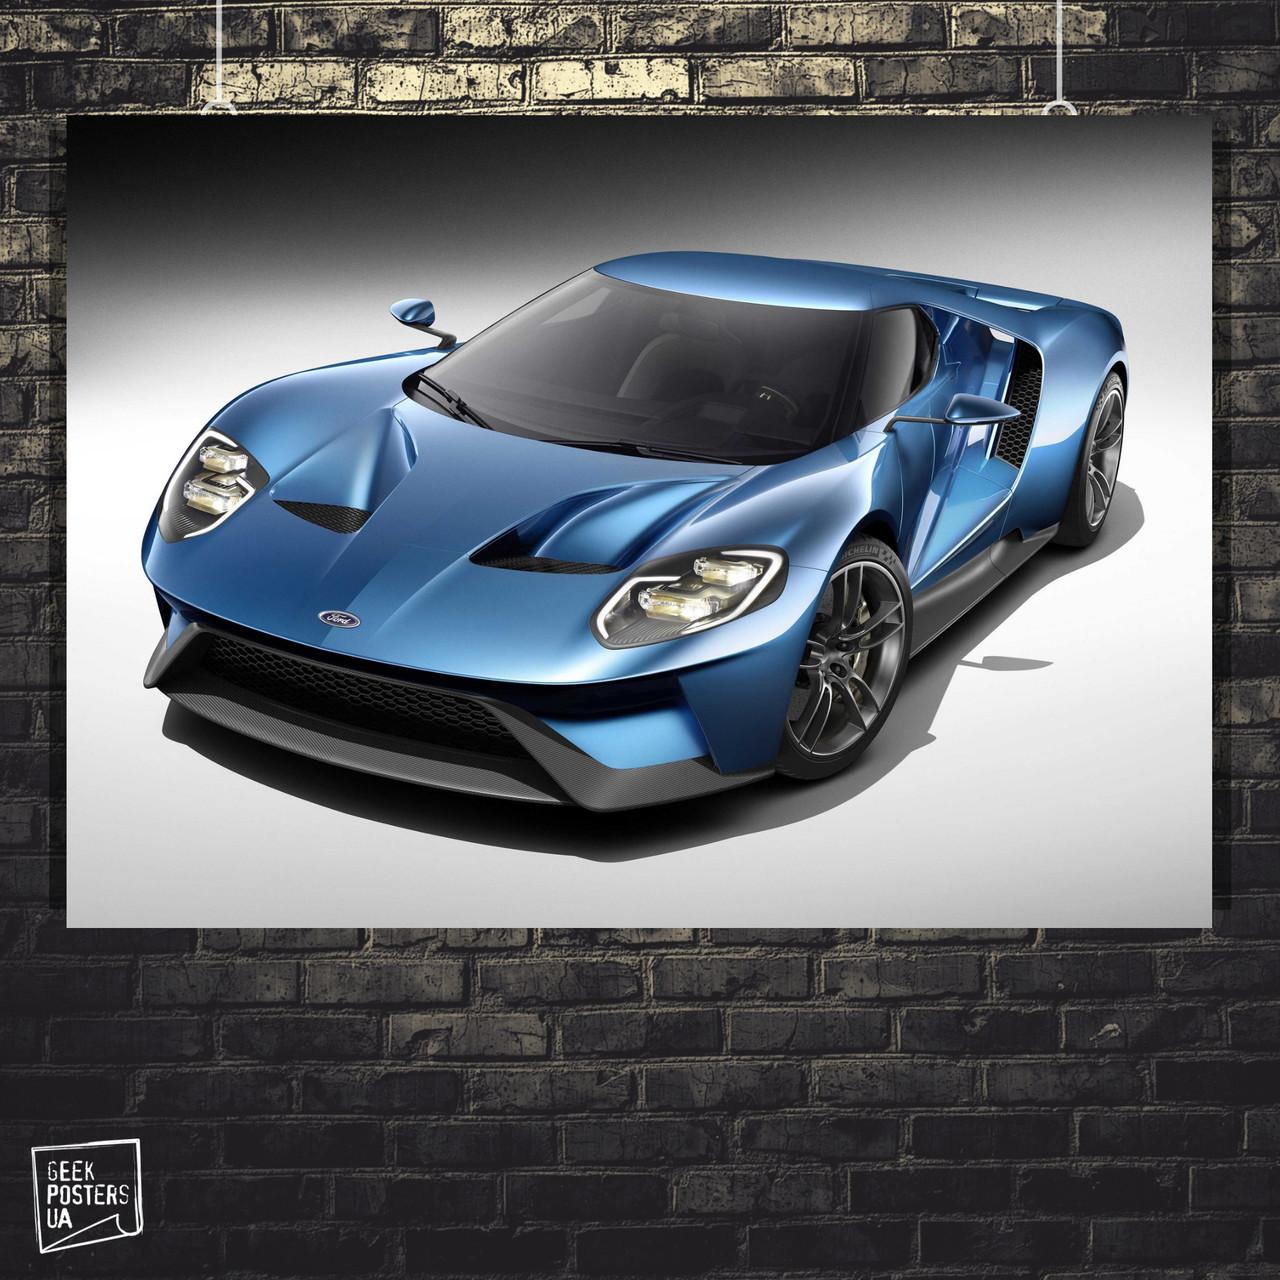 Постер Авто, суперкар Ford GT, Форд. Размер 60x42см (A2). Глянцевая бумага